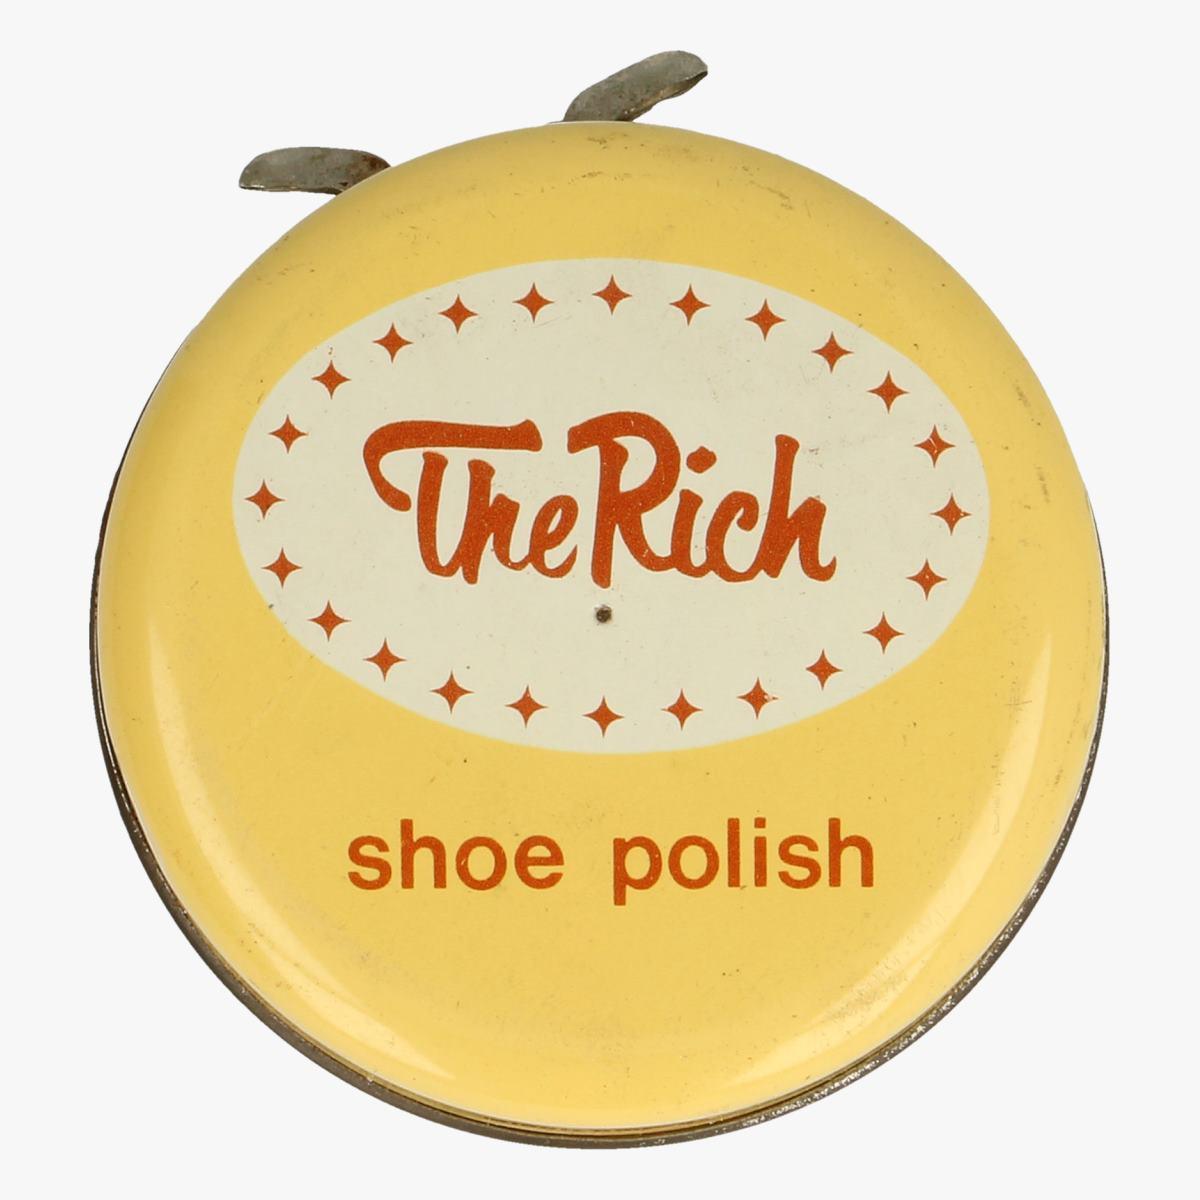 Afbeeldingen van blikken doosje shoe polish the rich middel bruin made in belgium